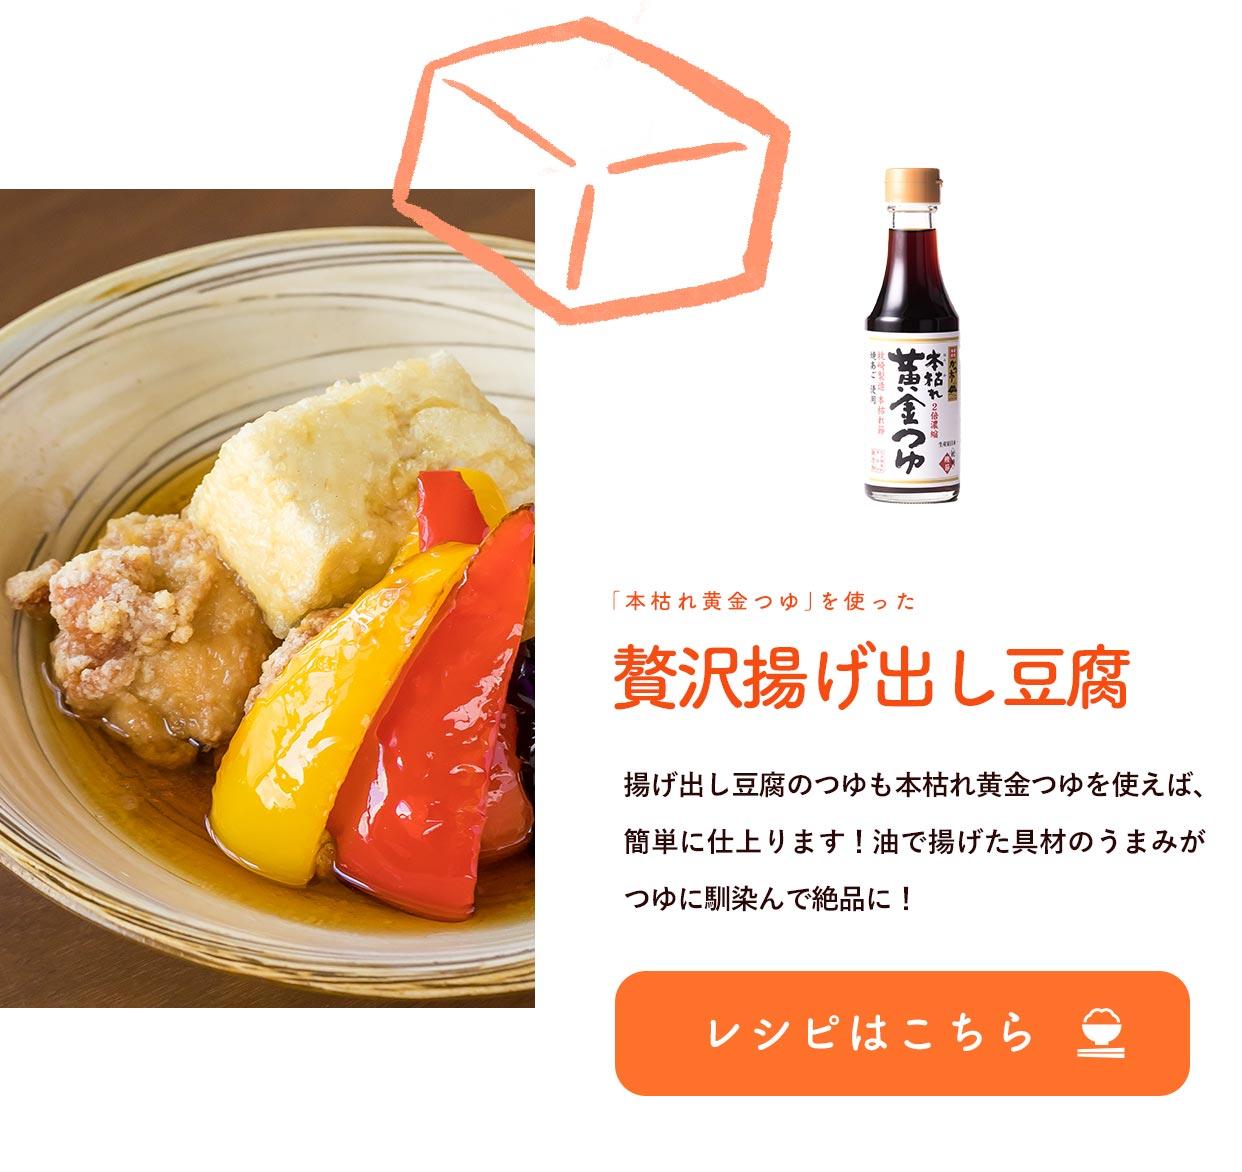 贅沢揚げ出し豆腐のレシピ